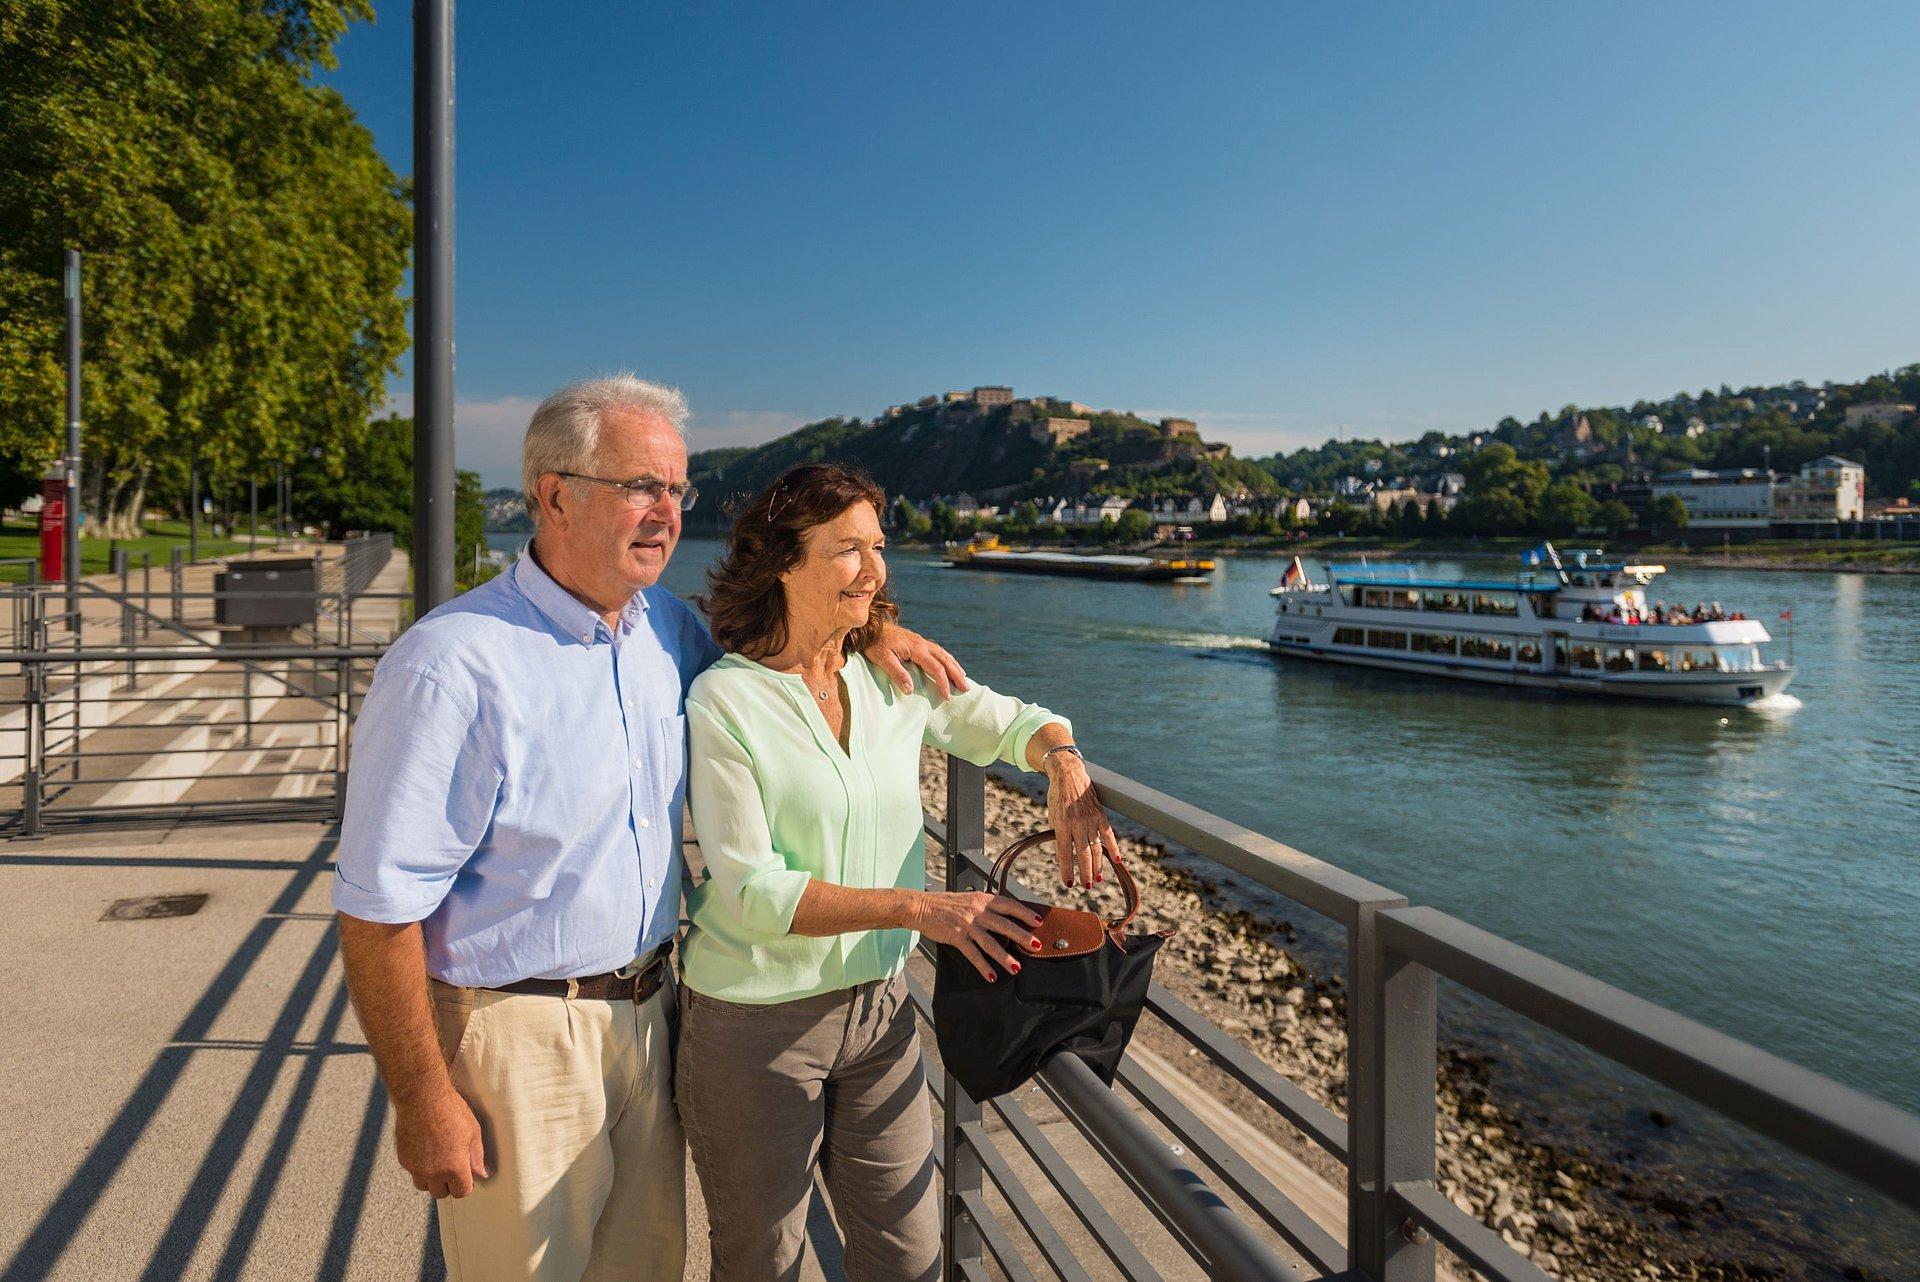 Rheinufer in Koblenz, Romantischer Rhein